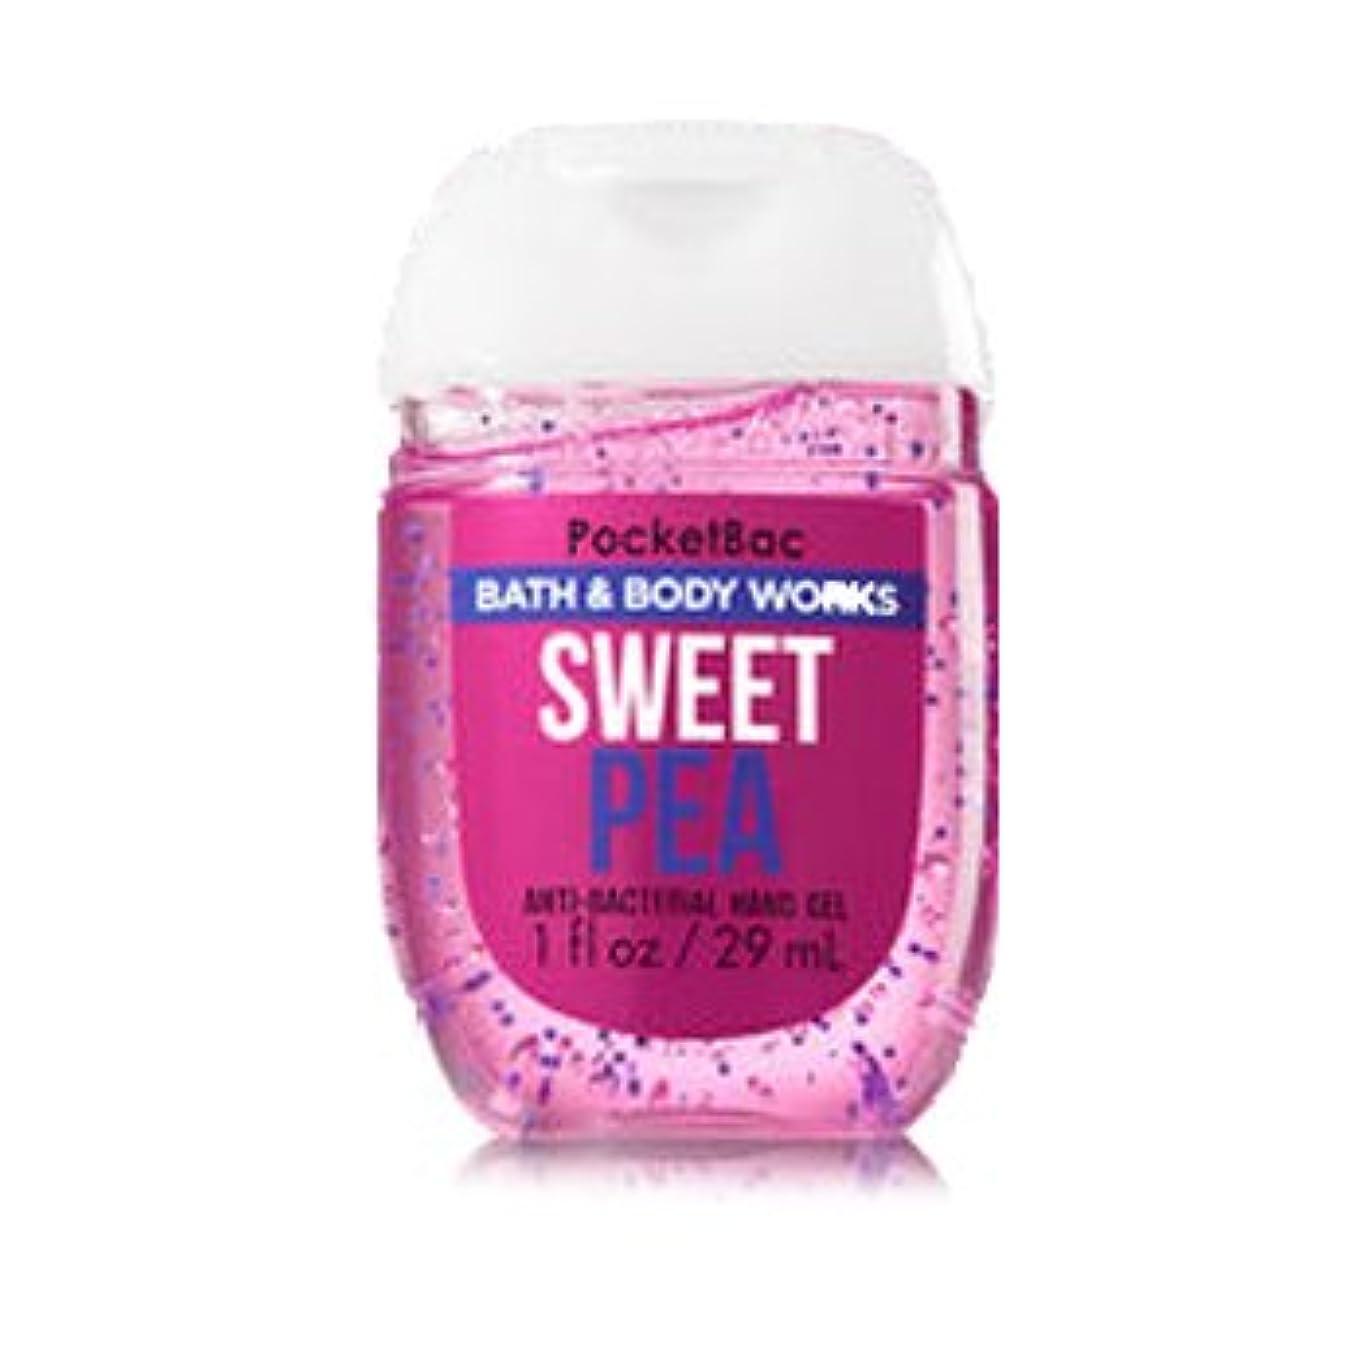 名前で収まるレビューバス&ボディワークス ハンドジェル 29ml スウィートピー Bath&Body Works Anti-Bacterial PocketBac Sanitizing Hand Gel Sweet Pea [並行輸入品]